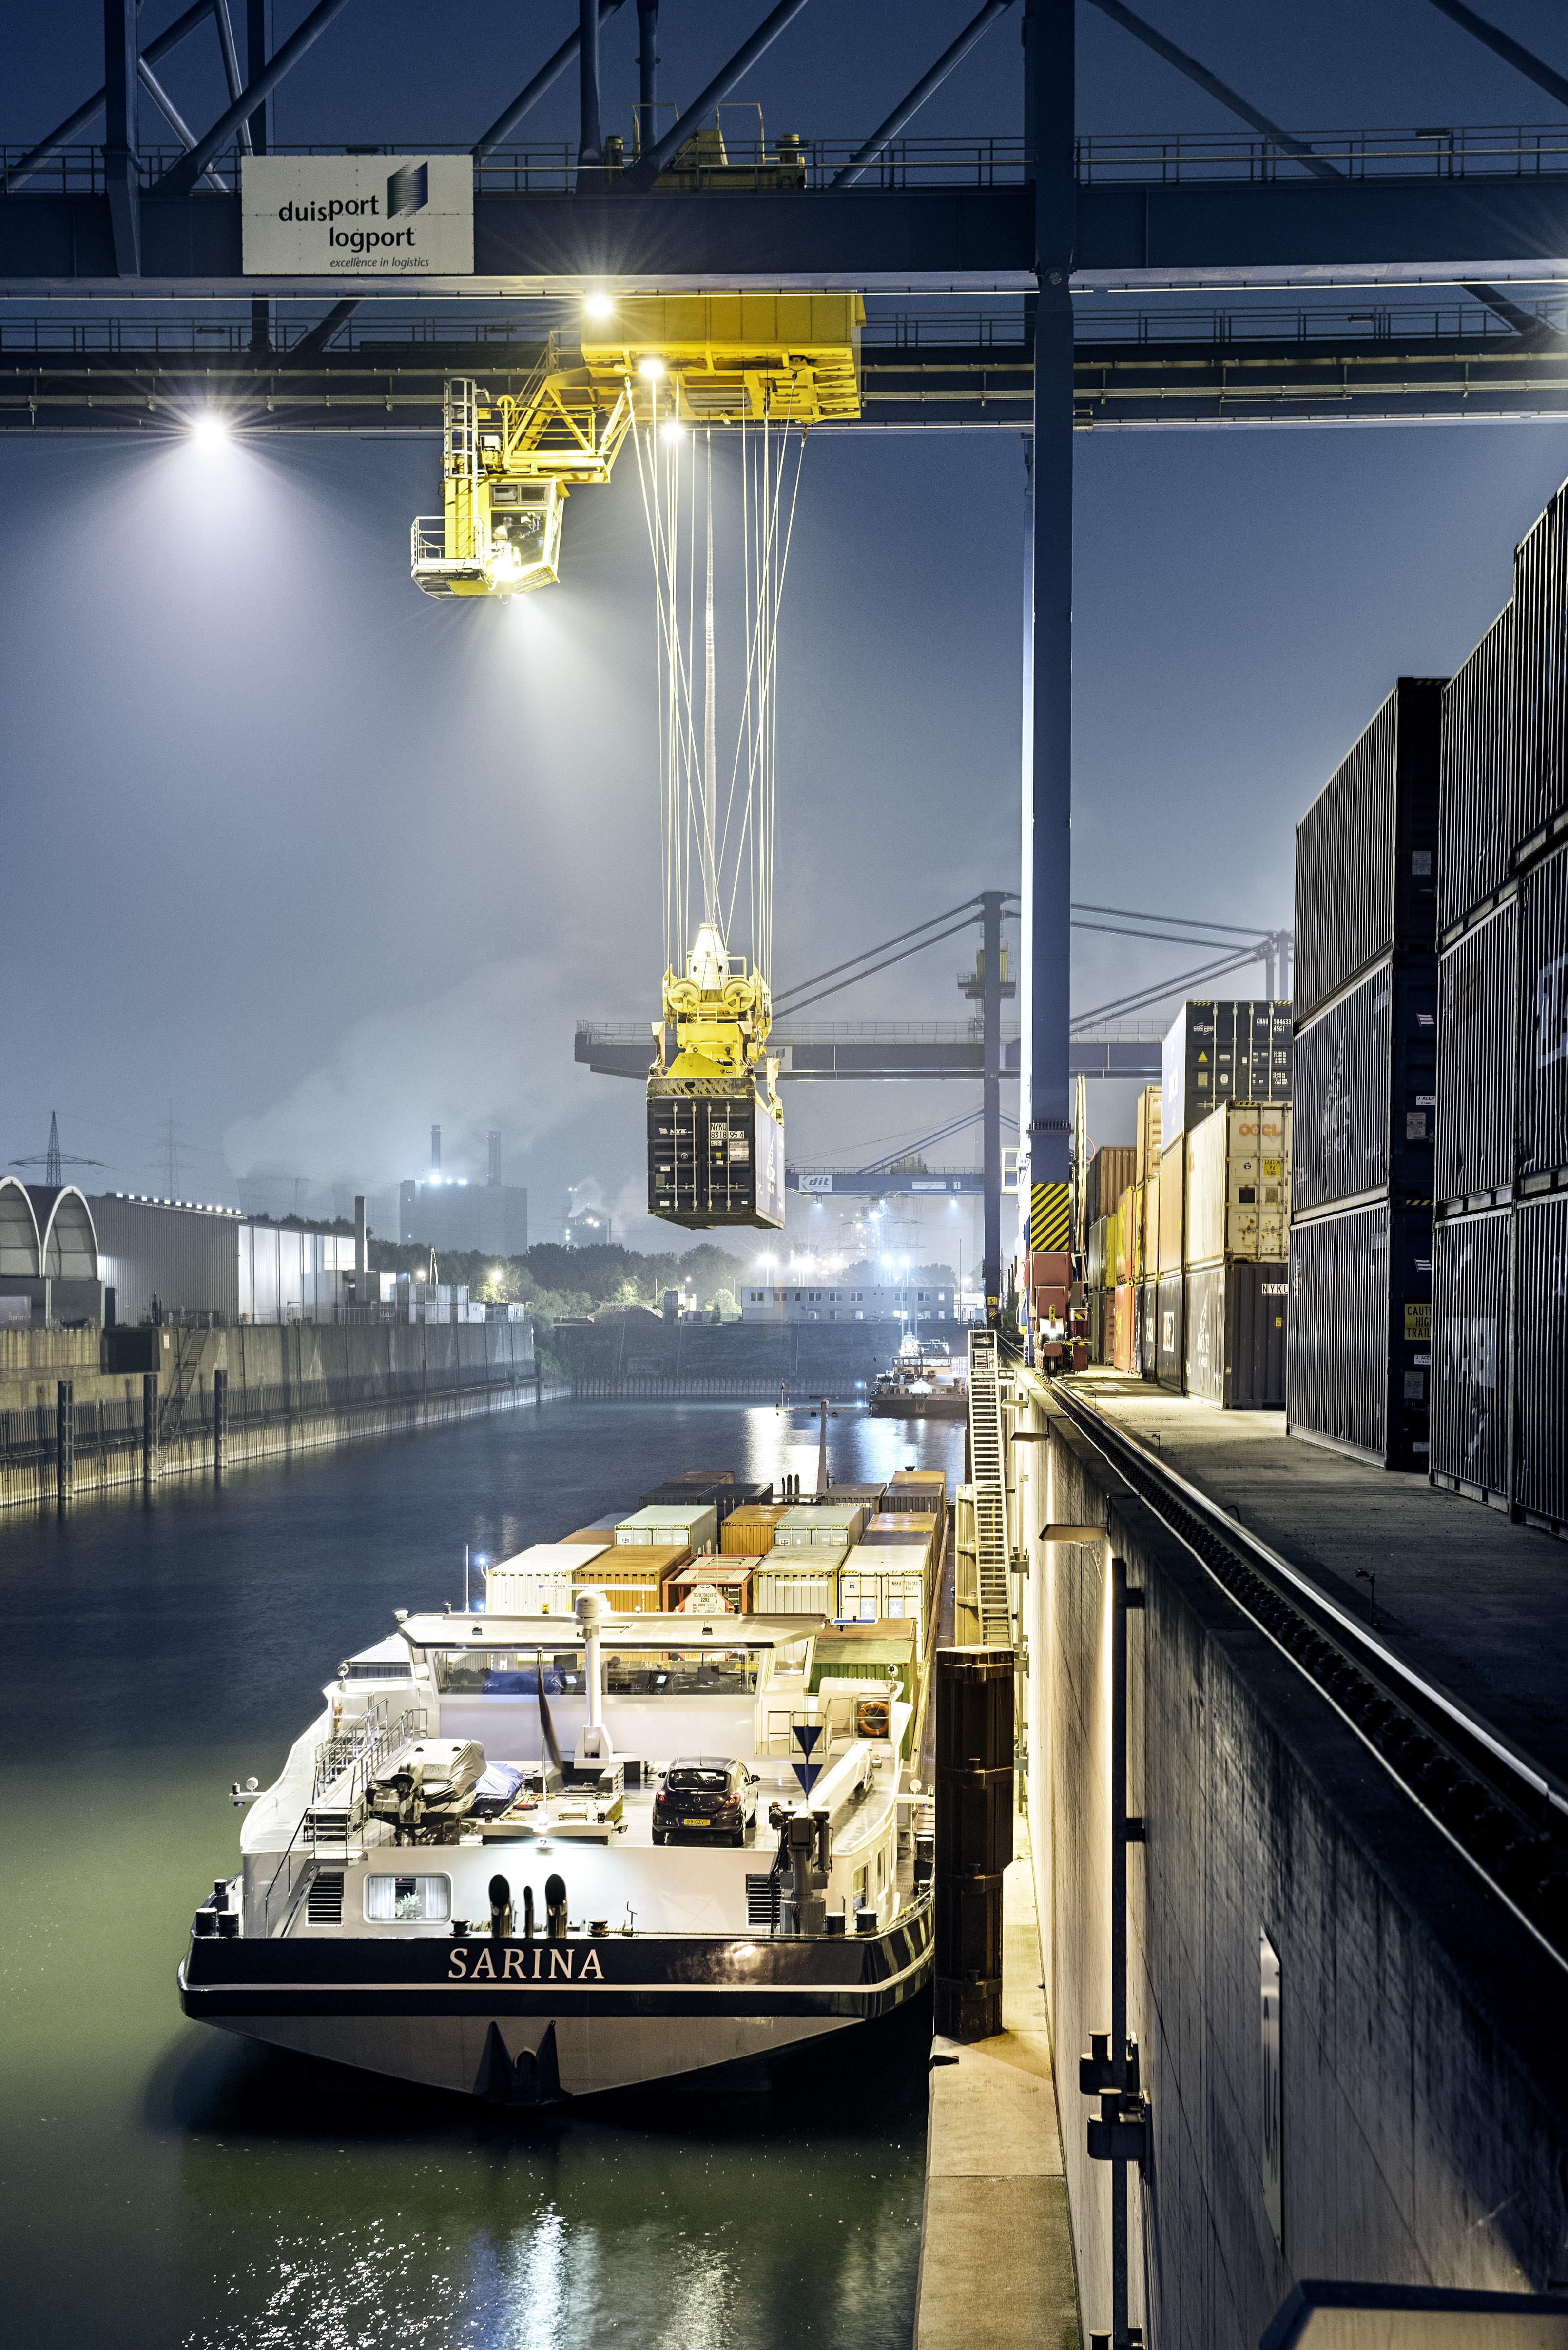 Binnenschiff auf Logport I duisport